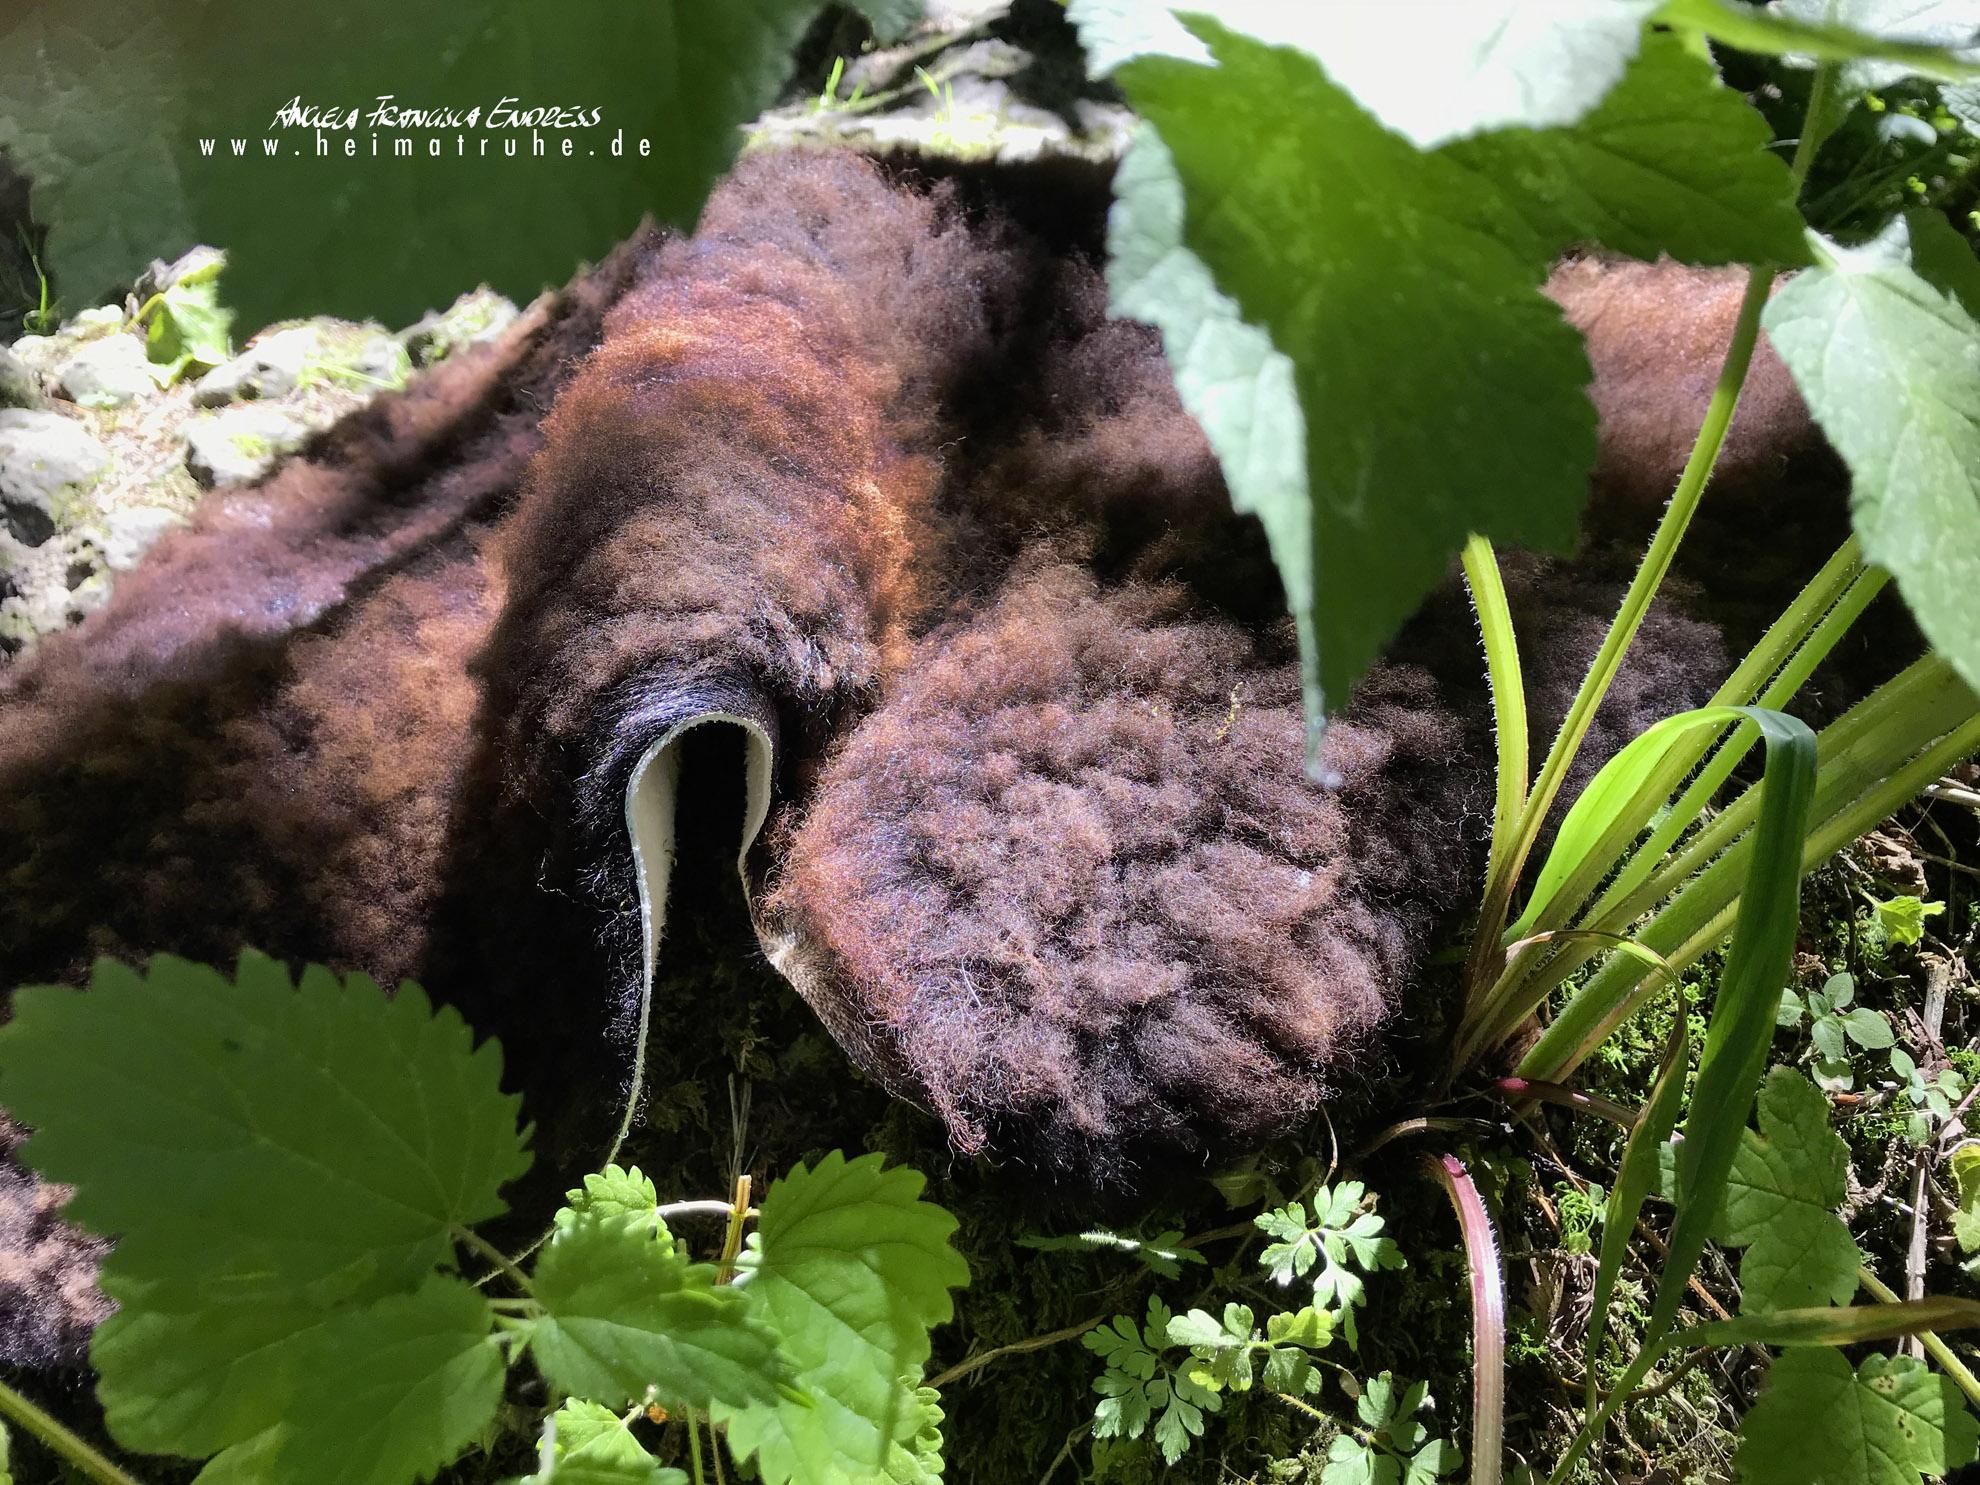 dunkles Schaf-Fell in der Botanik